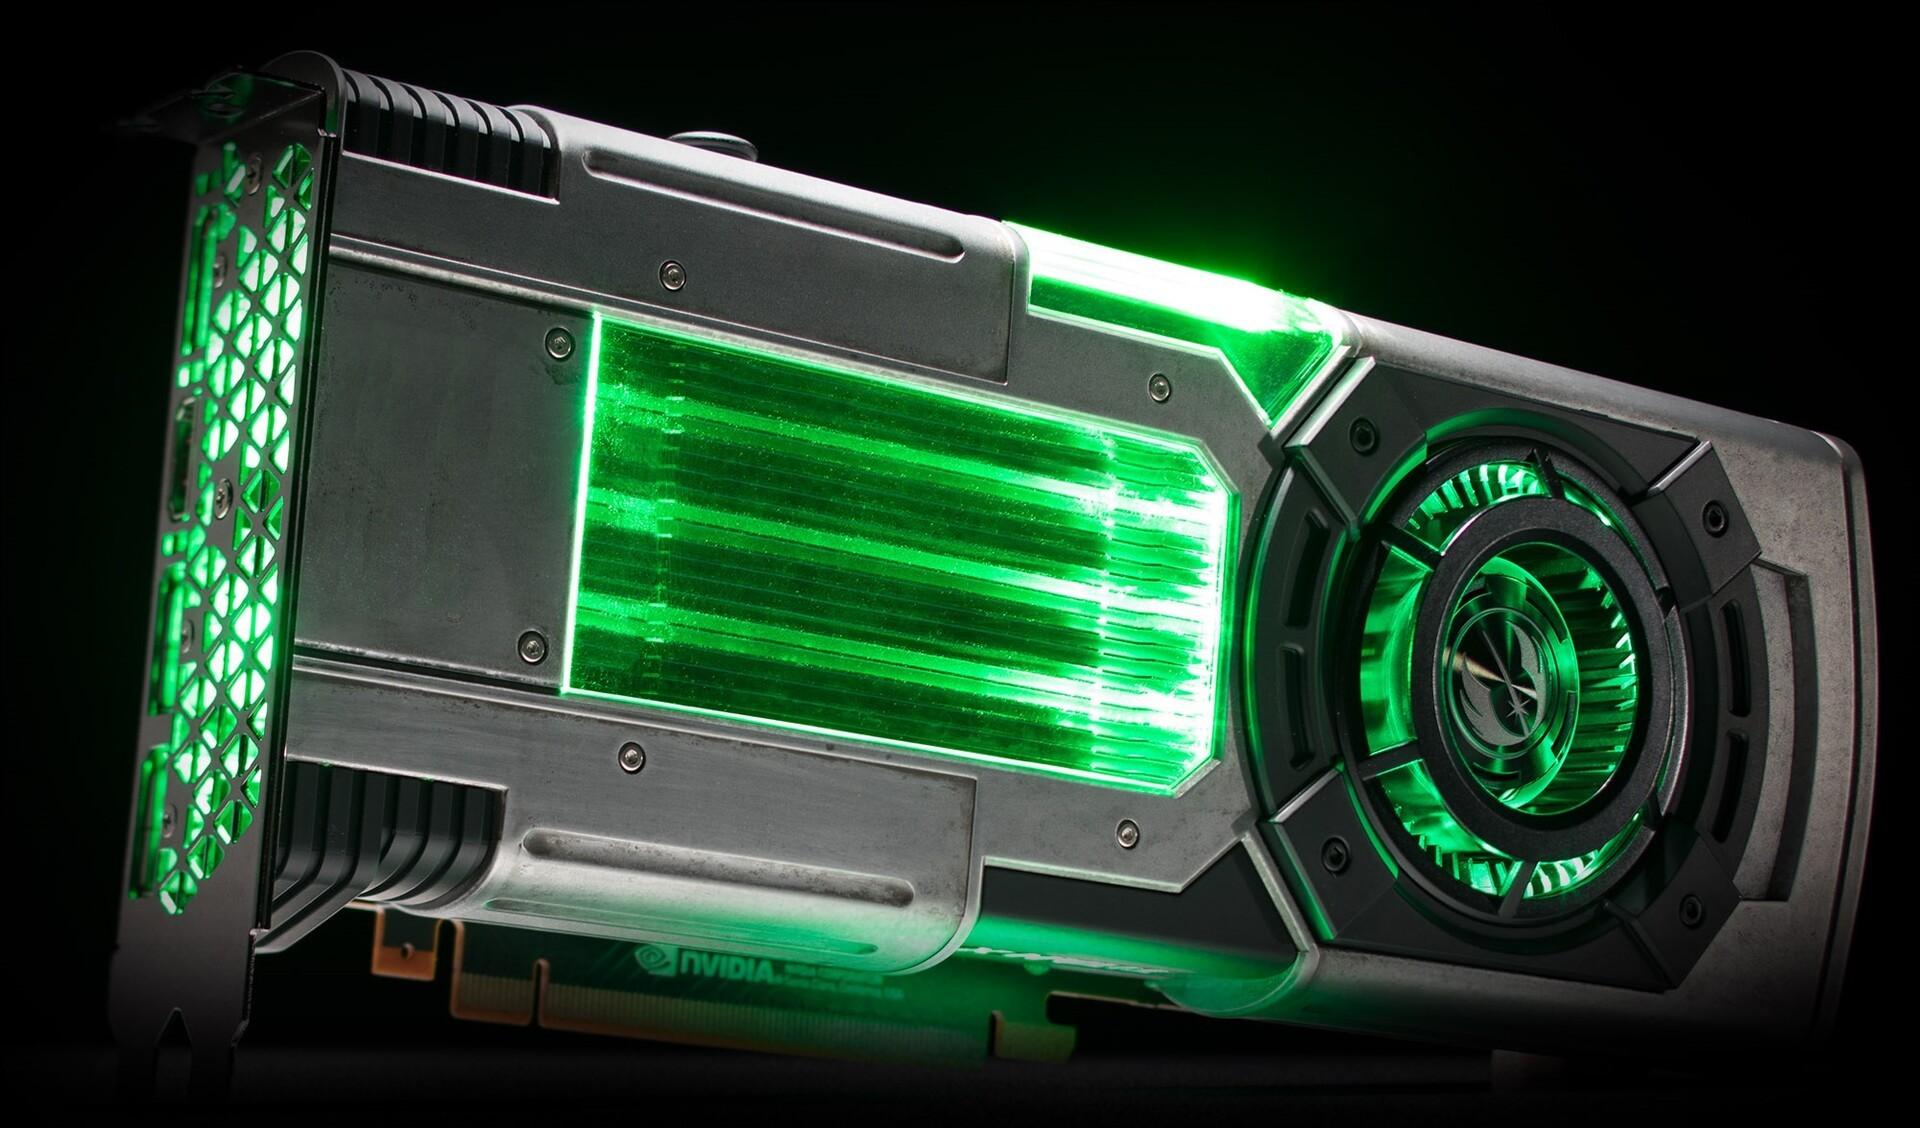 Анонс новых флагманских видеокарт NVIDIA RTX 3080 Ti перенесли с марта на август текущего года